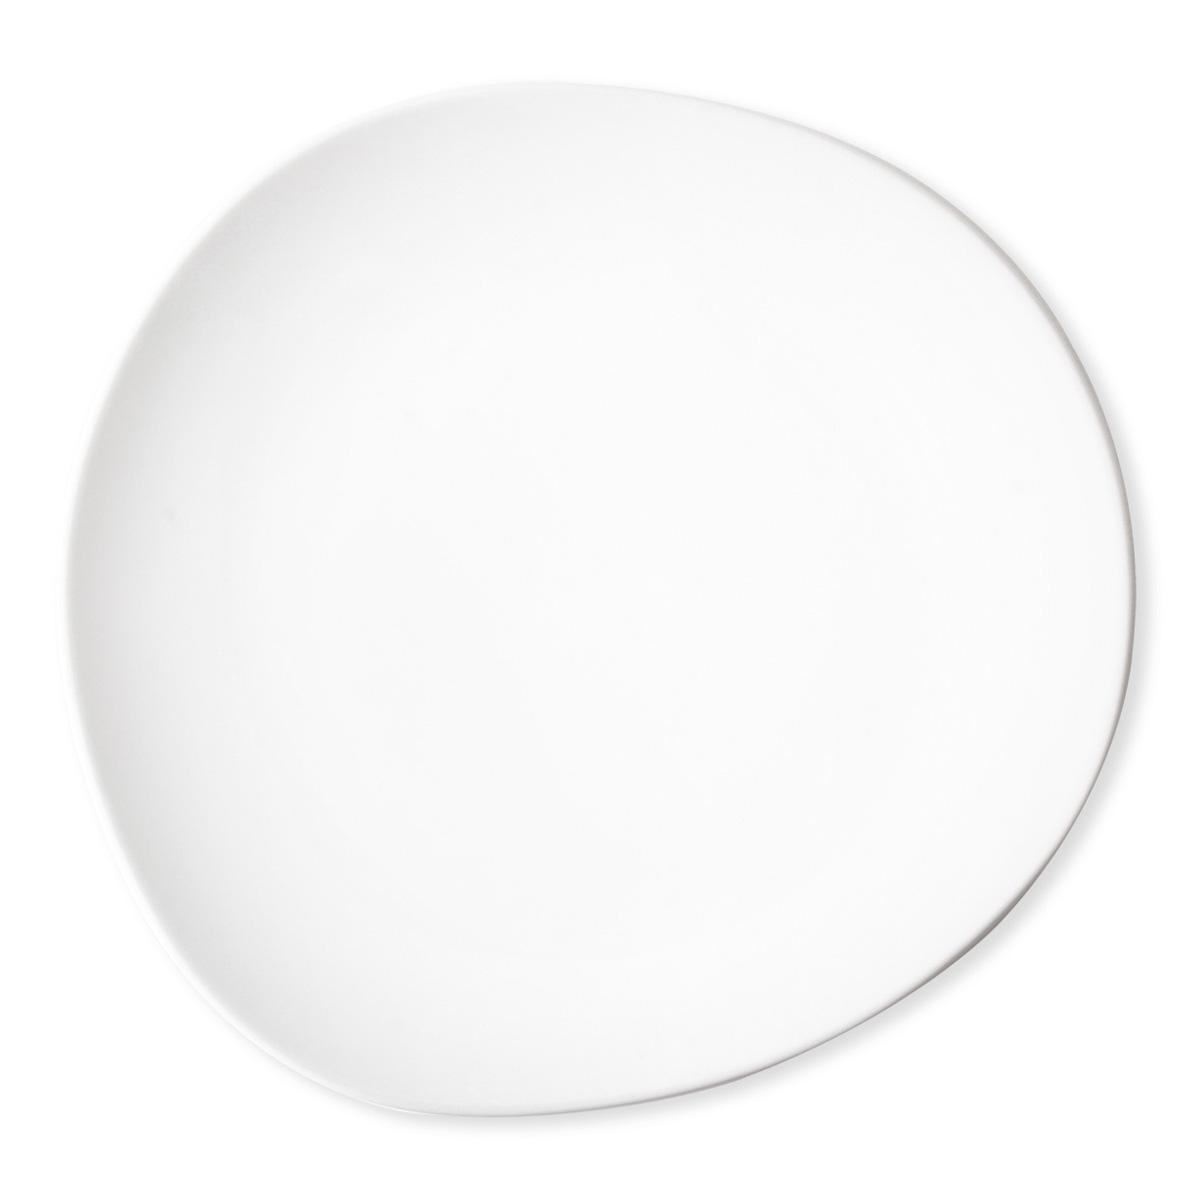 assiette blanche forme originale 27cm vaisselle chic. Black Bedroom Furniture Sets. Home Design Ideas